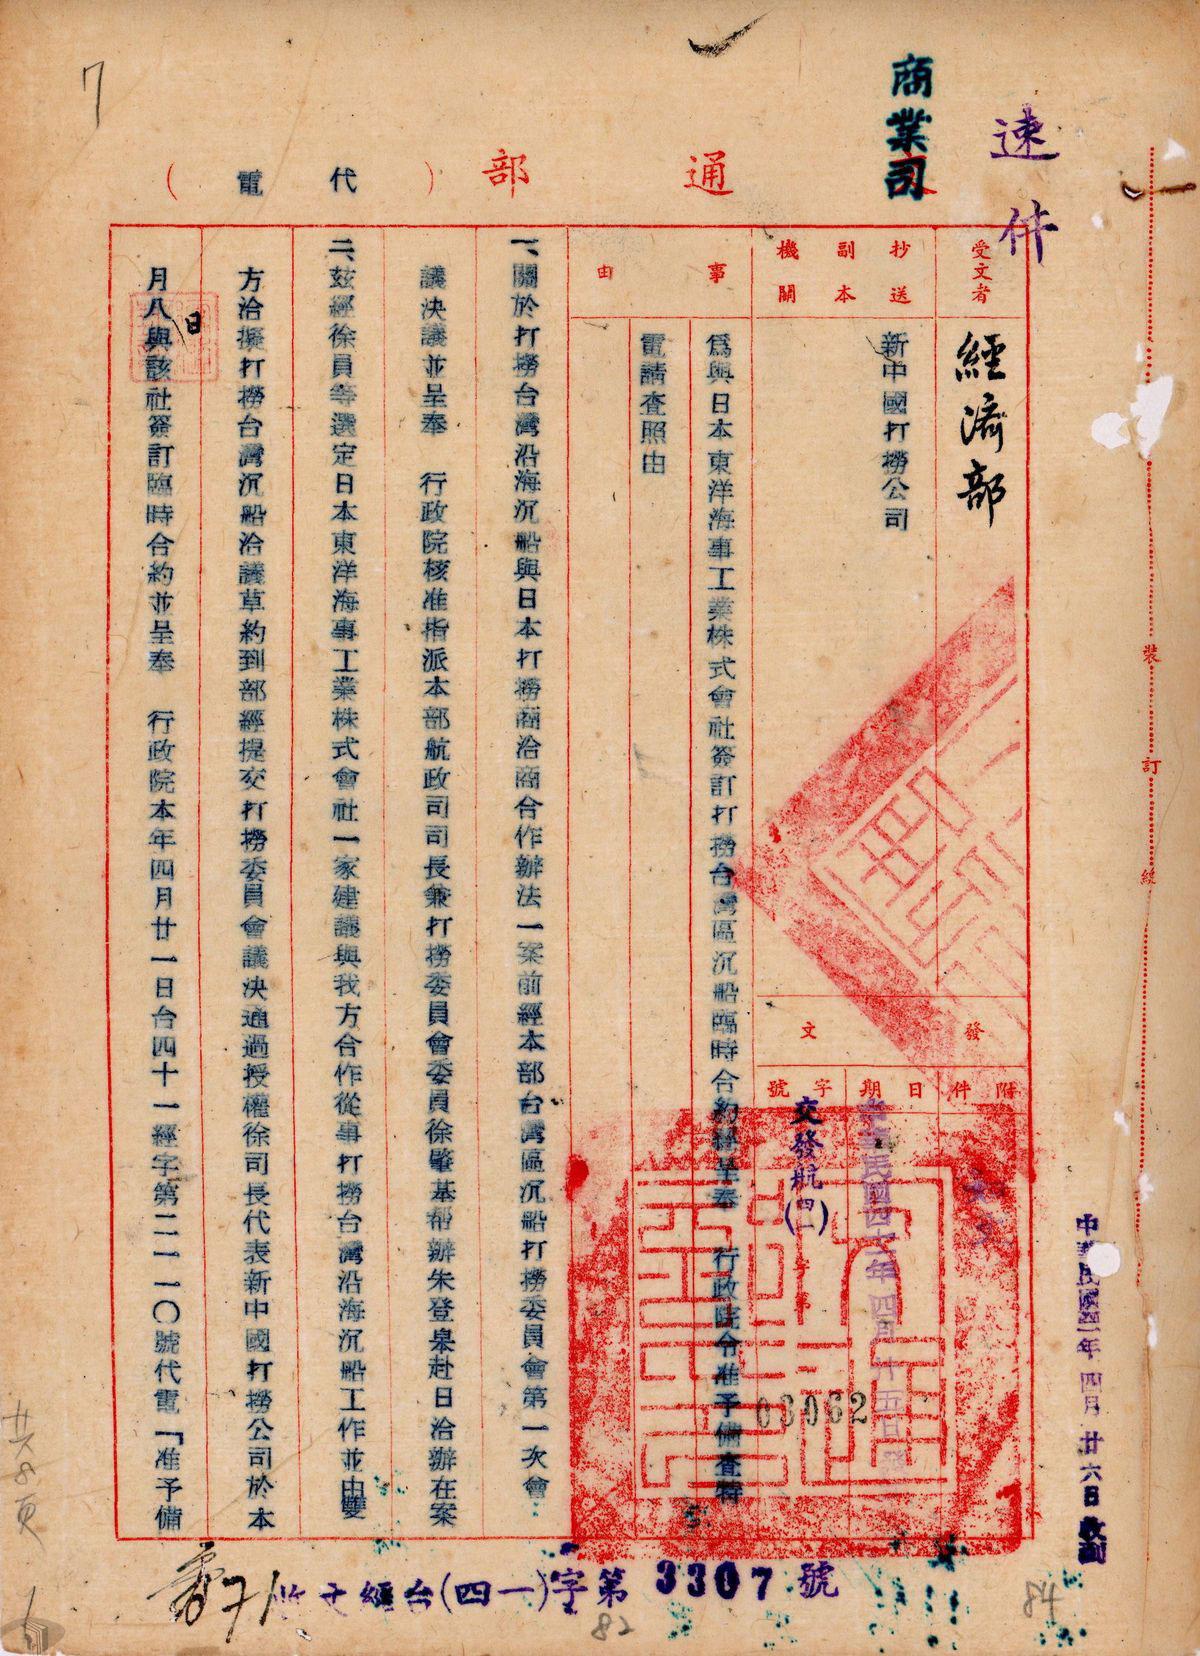 圖8 與日本簽訂臨時沉船打撈合約